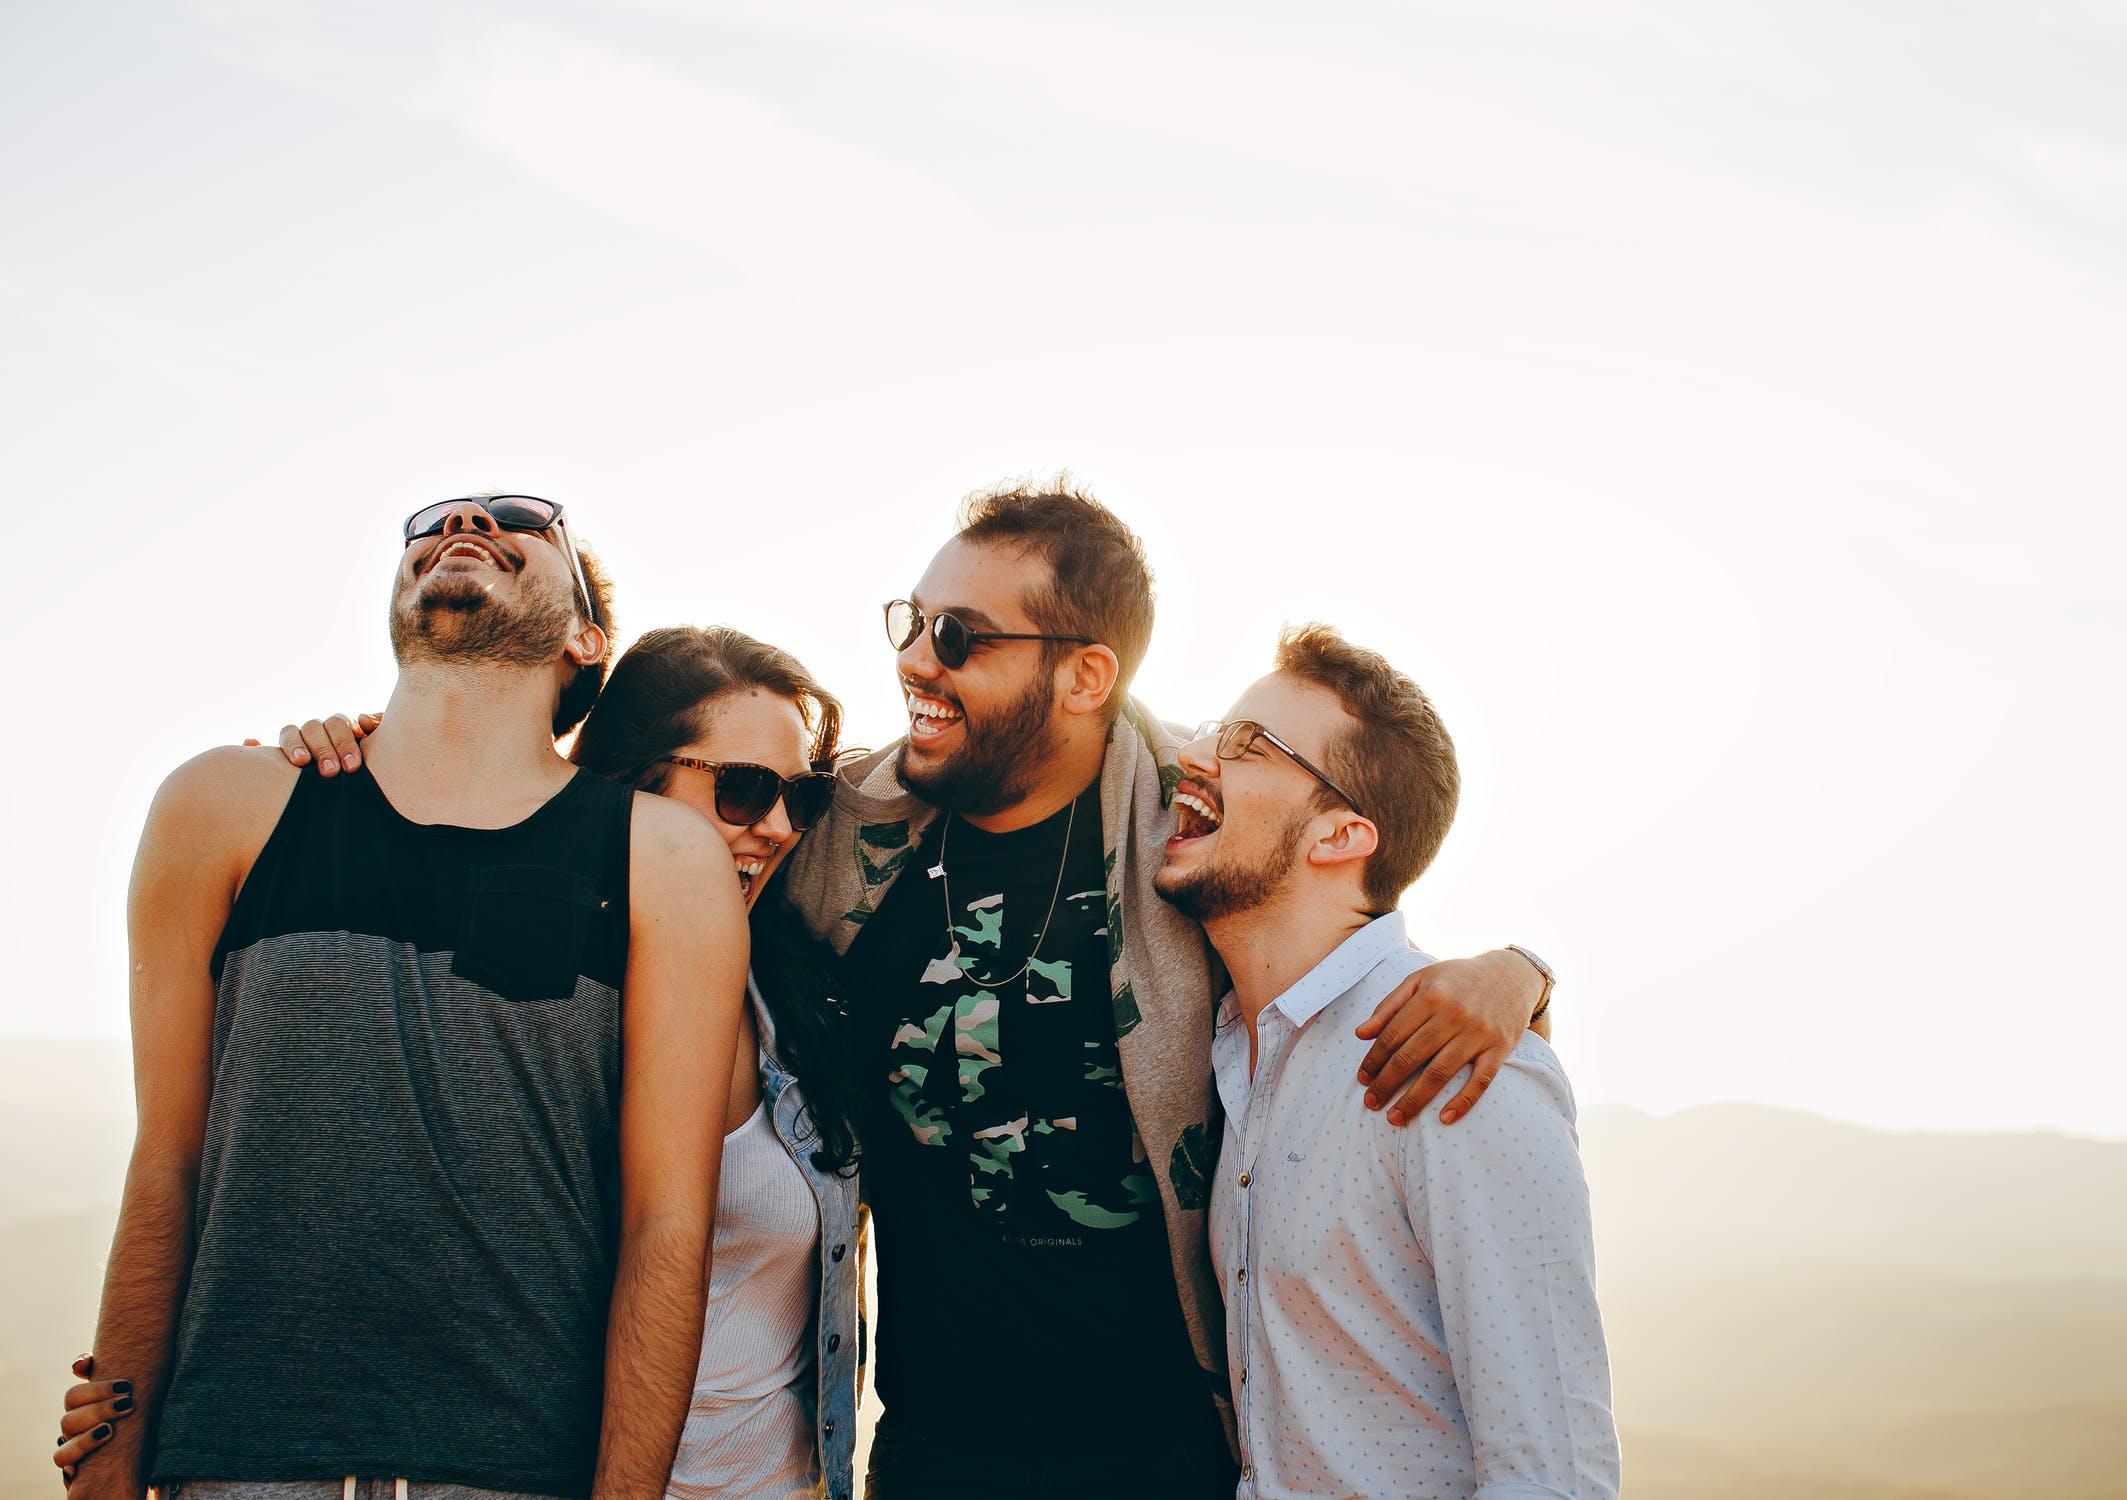 增加自信能使生活更加快樂 / 圖:Pexels